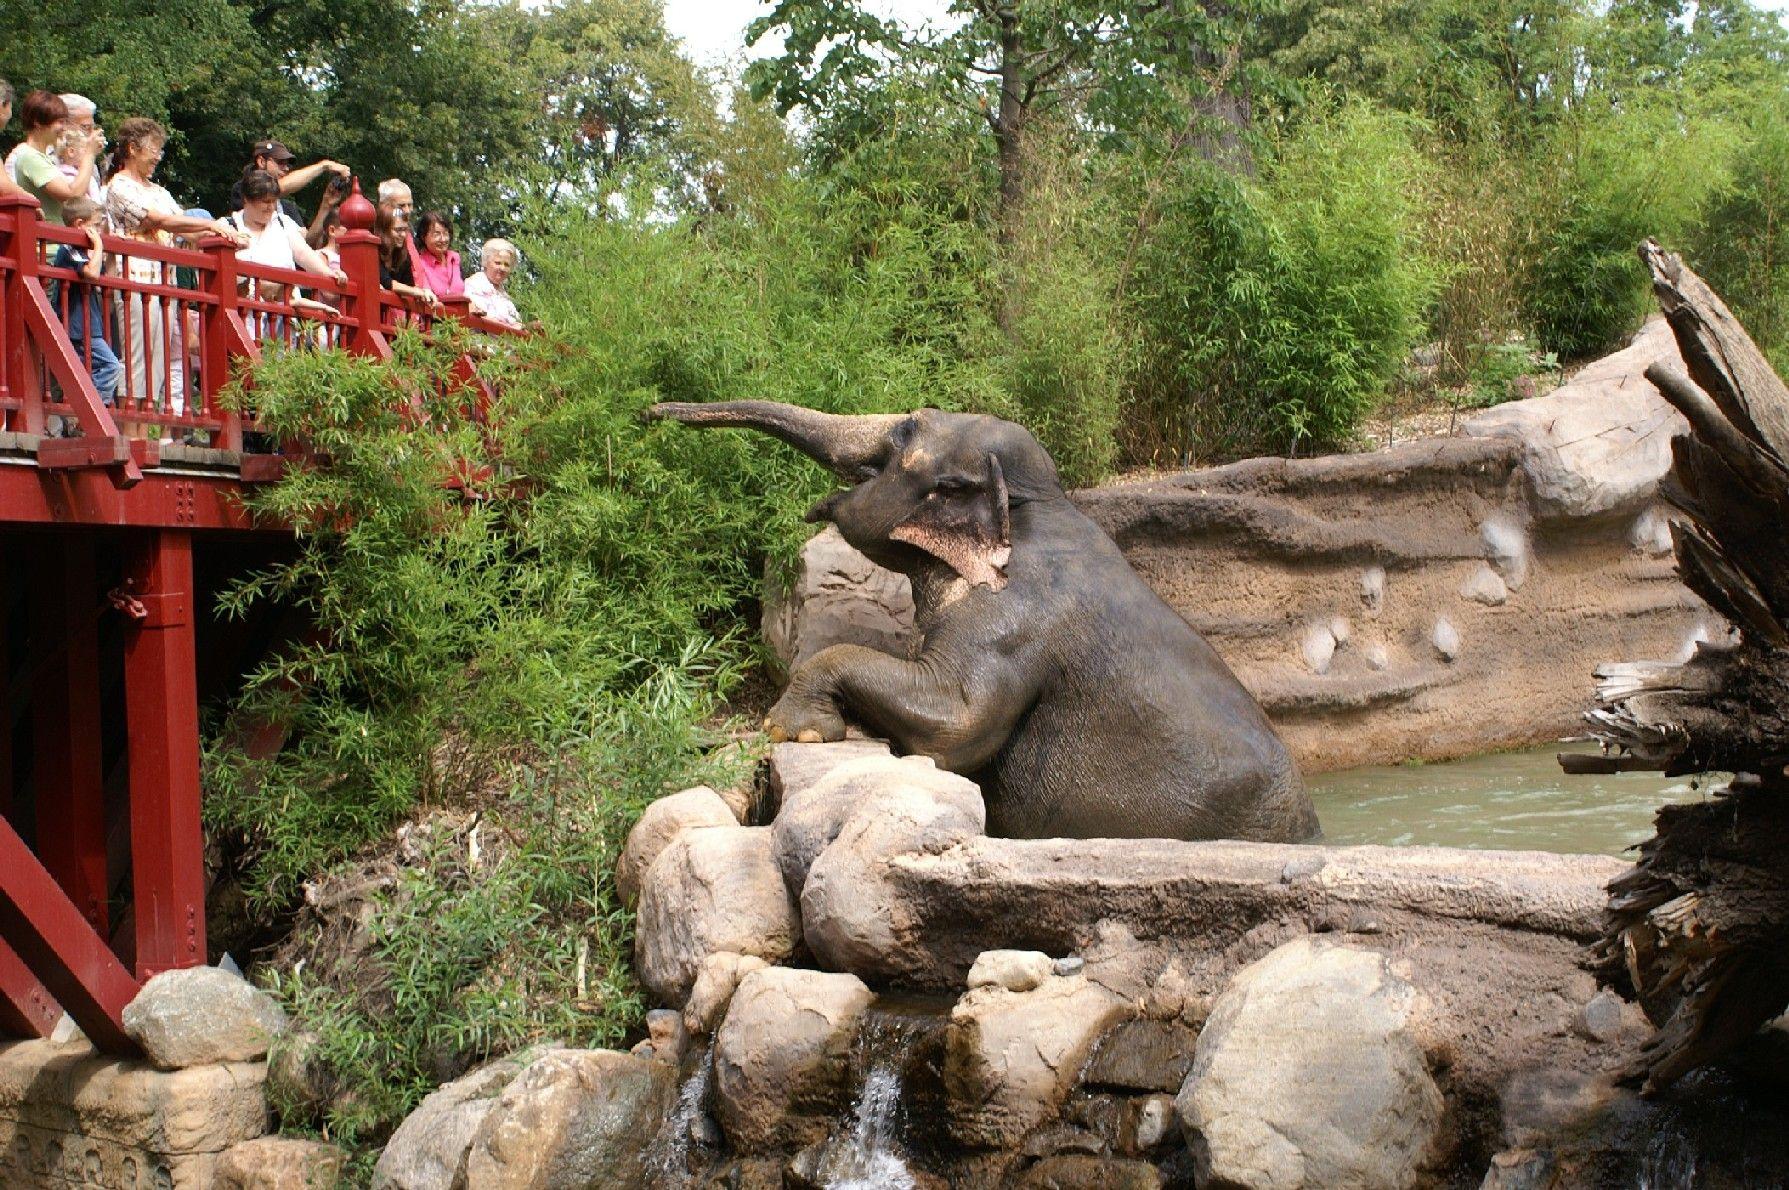 Elefantentempel Ganesha Mandir